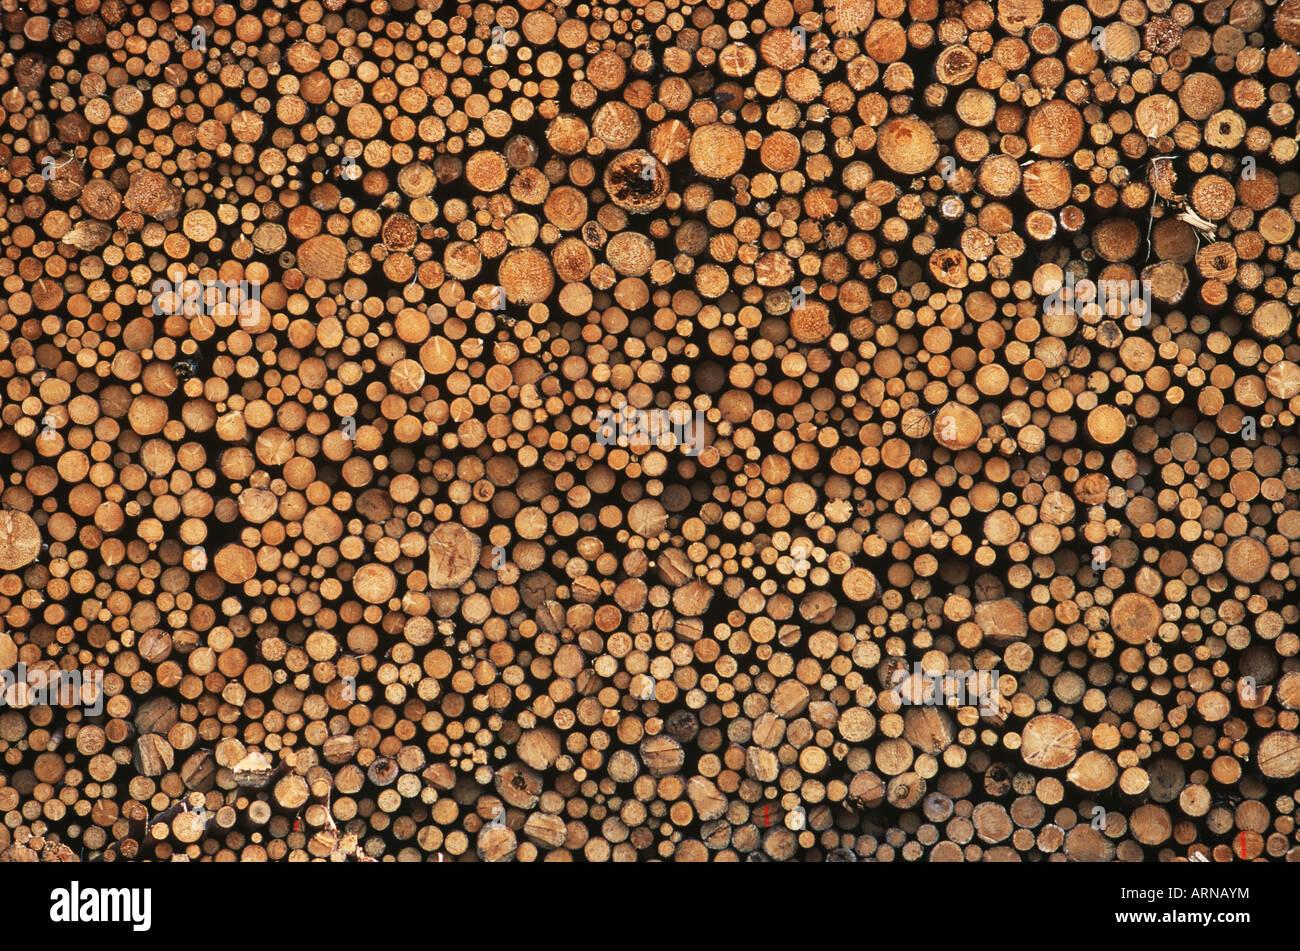 Legno pasta accatastati nel cantiere di elaborazione, British Columbia, Canada. Immagini Stock